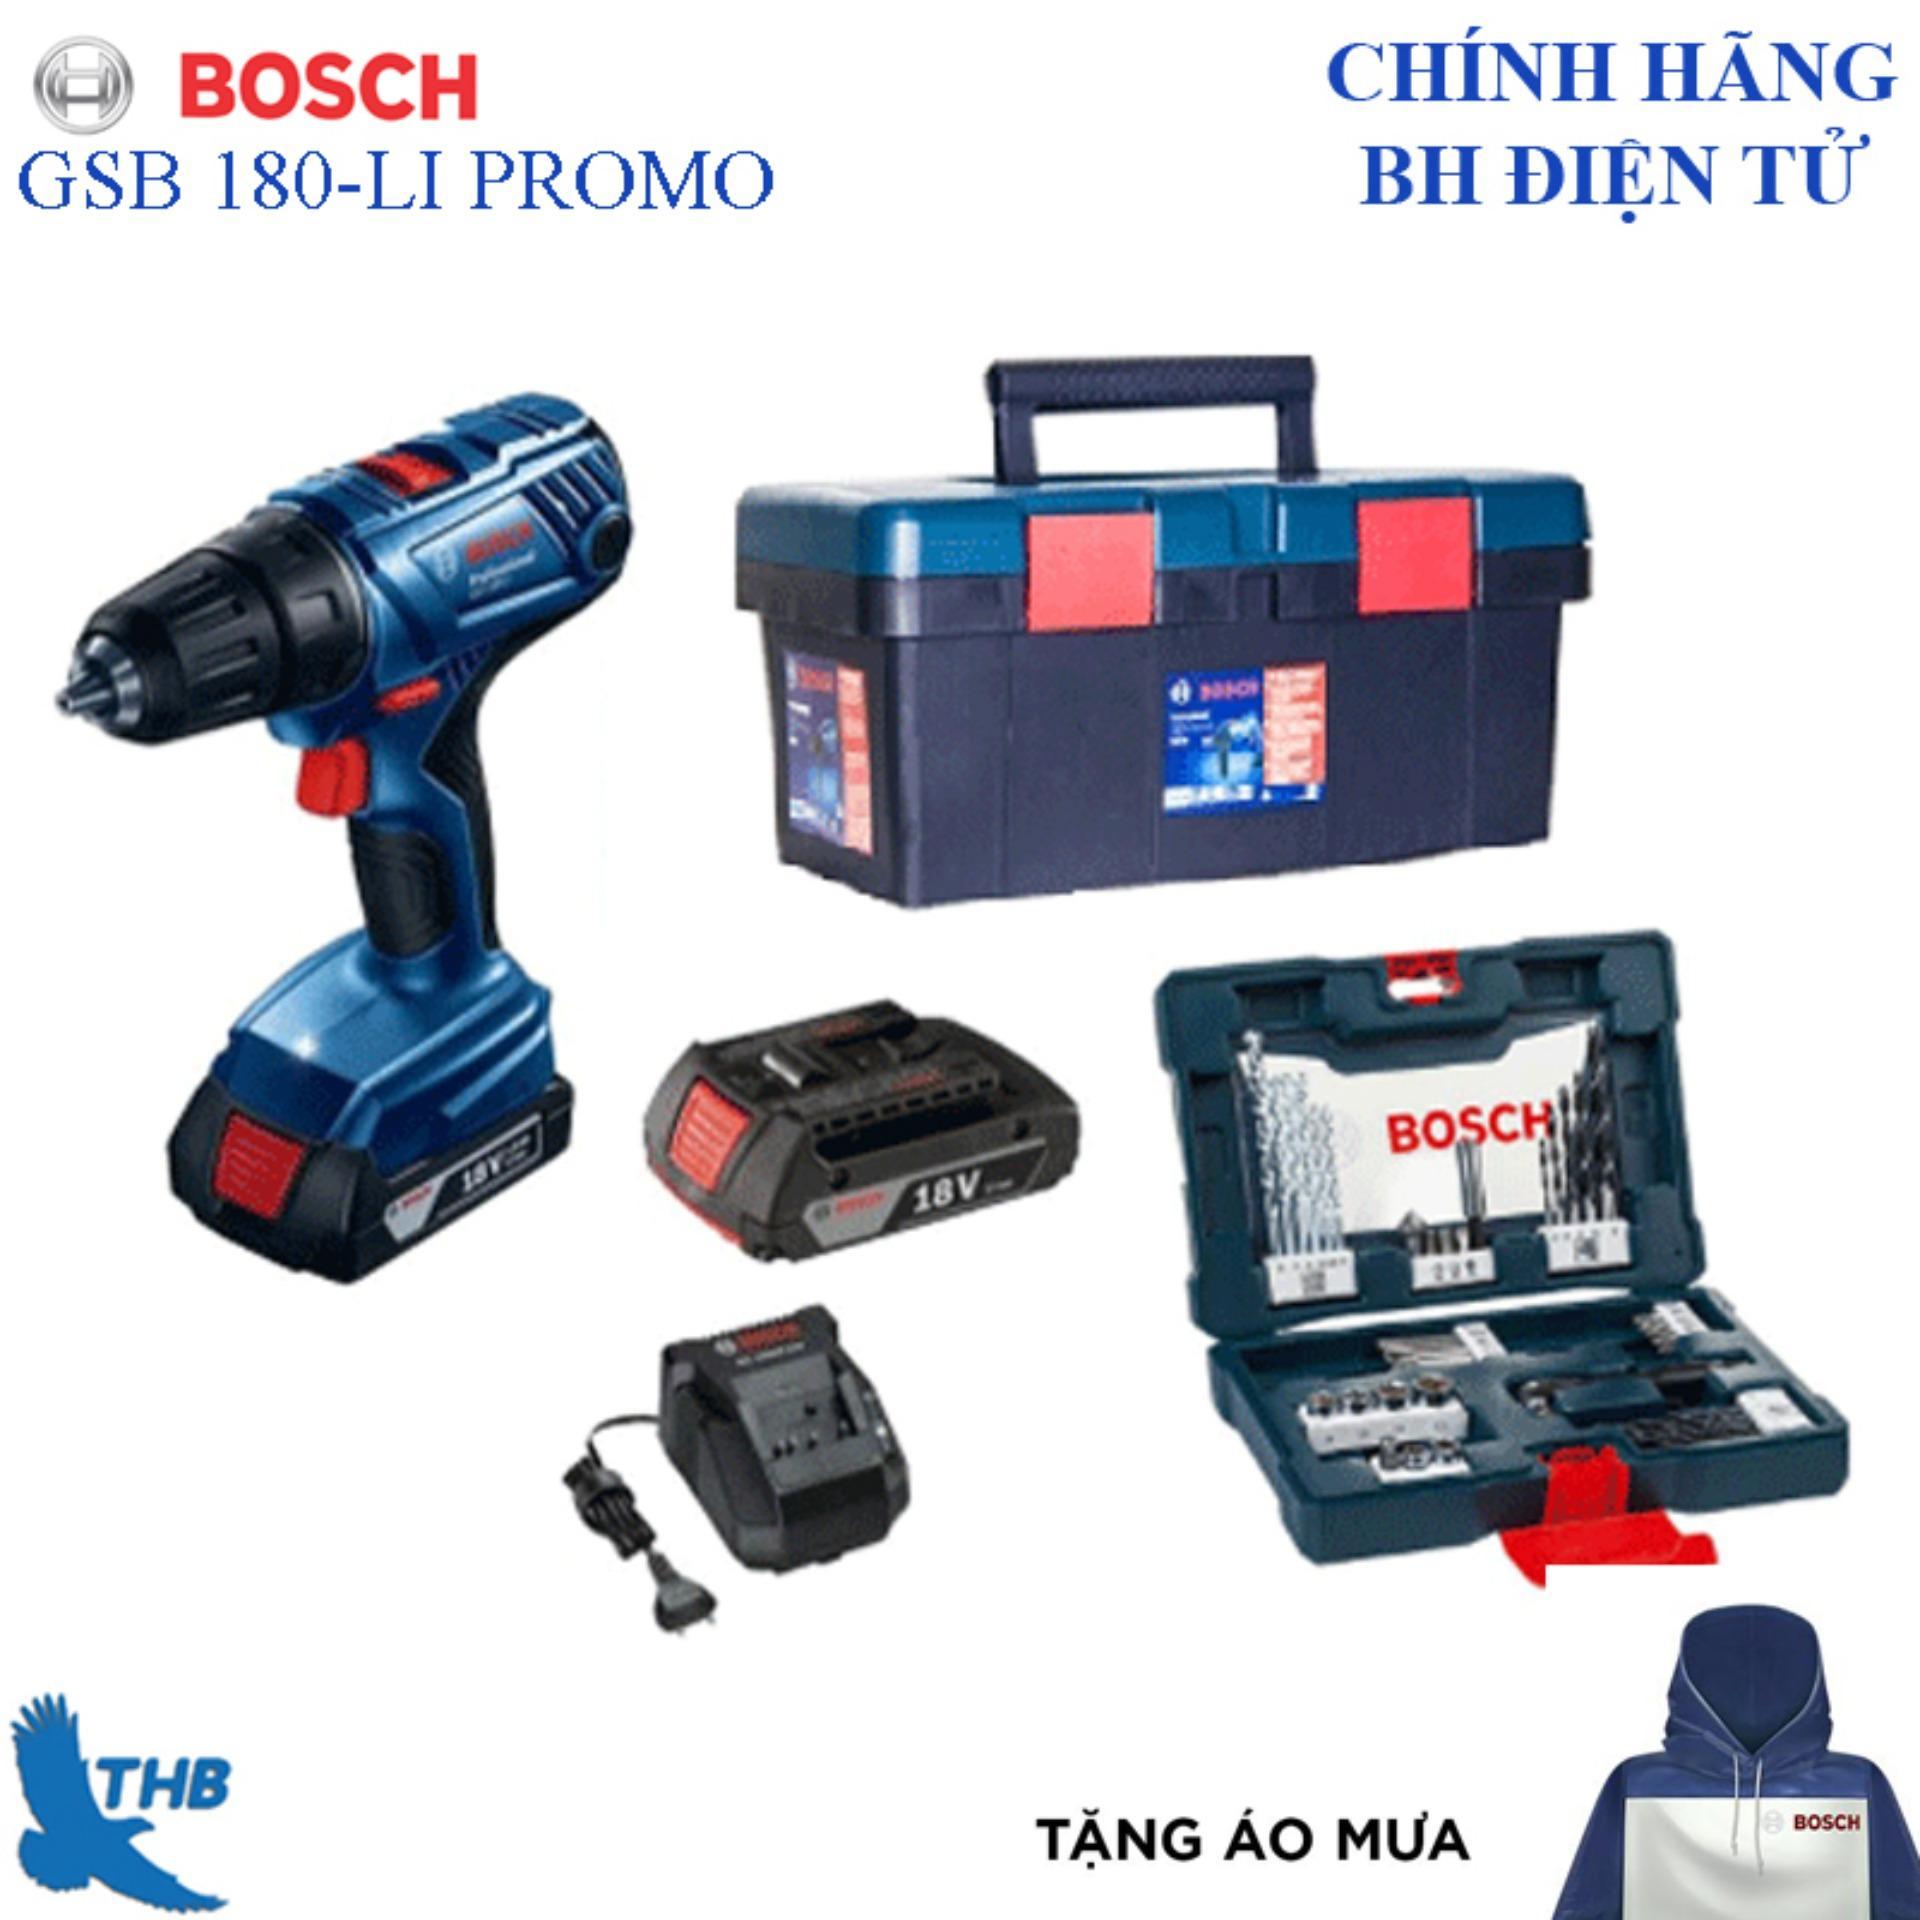 Máy khoan động lực dùng pin Bosch GSB 180-LI PROMO tặng áo mưa Bosch